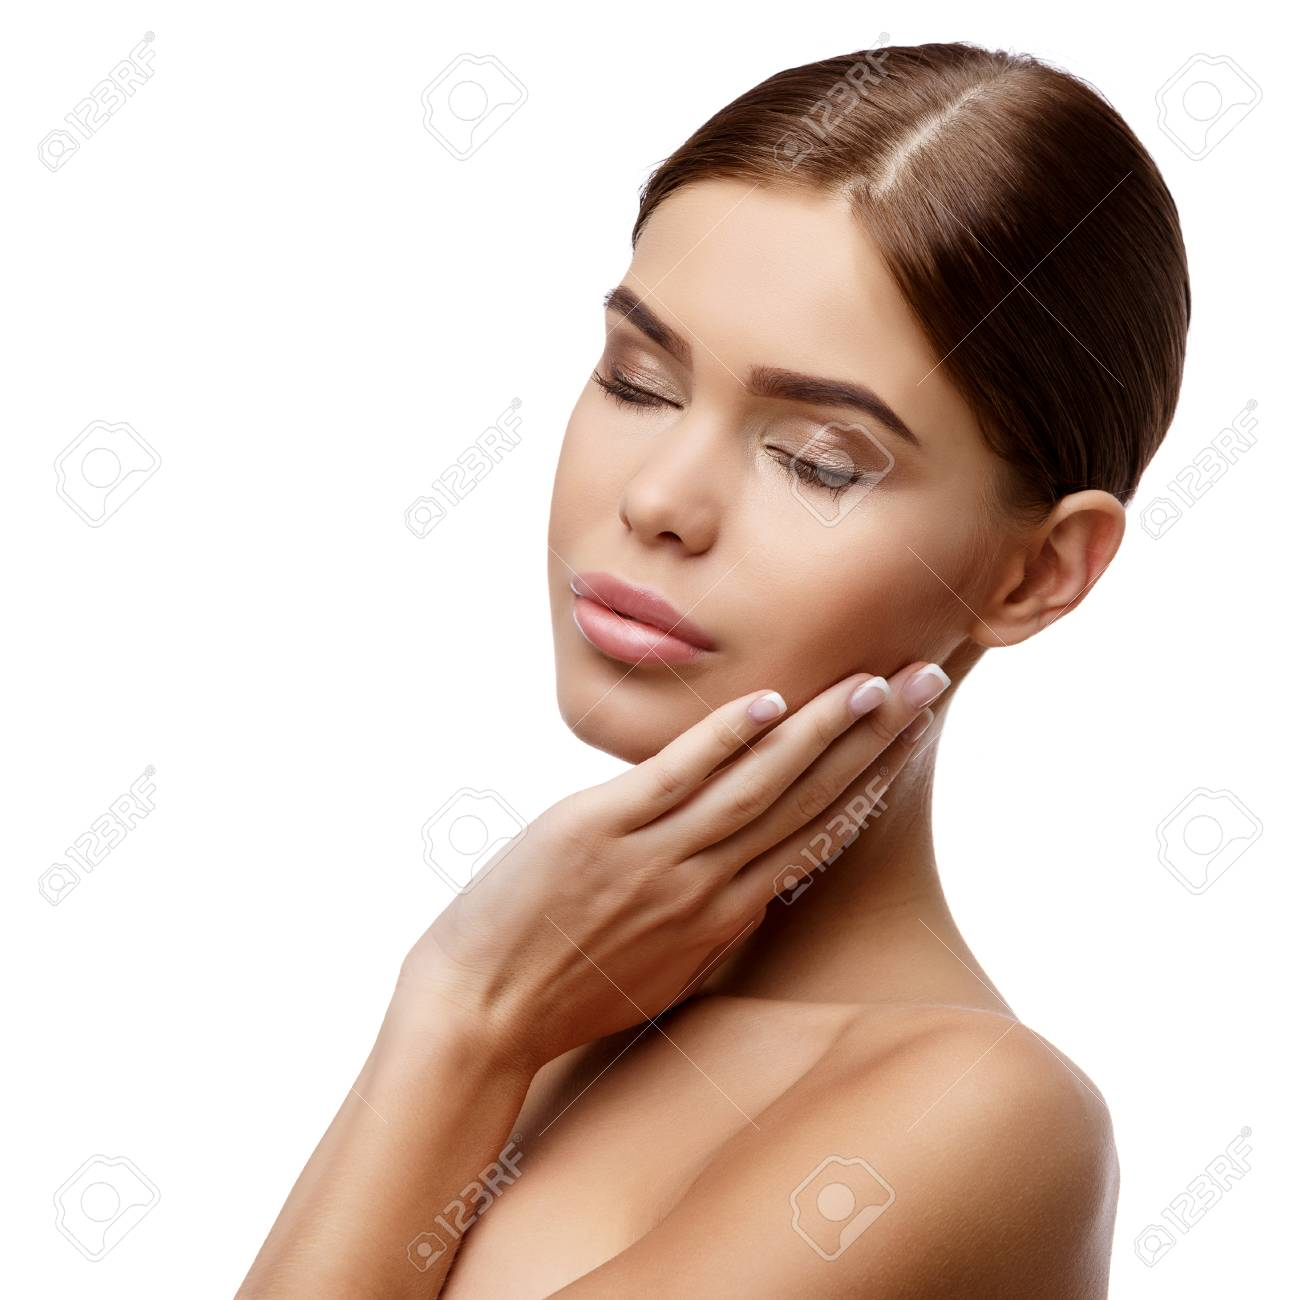 frisse huid